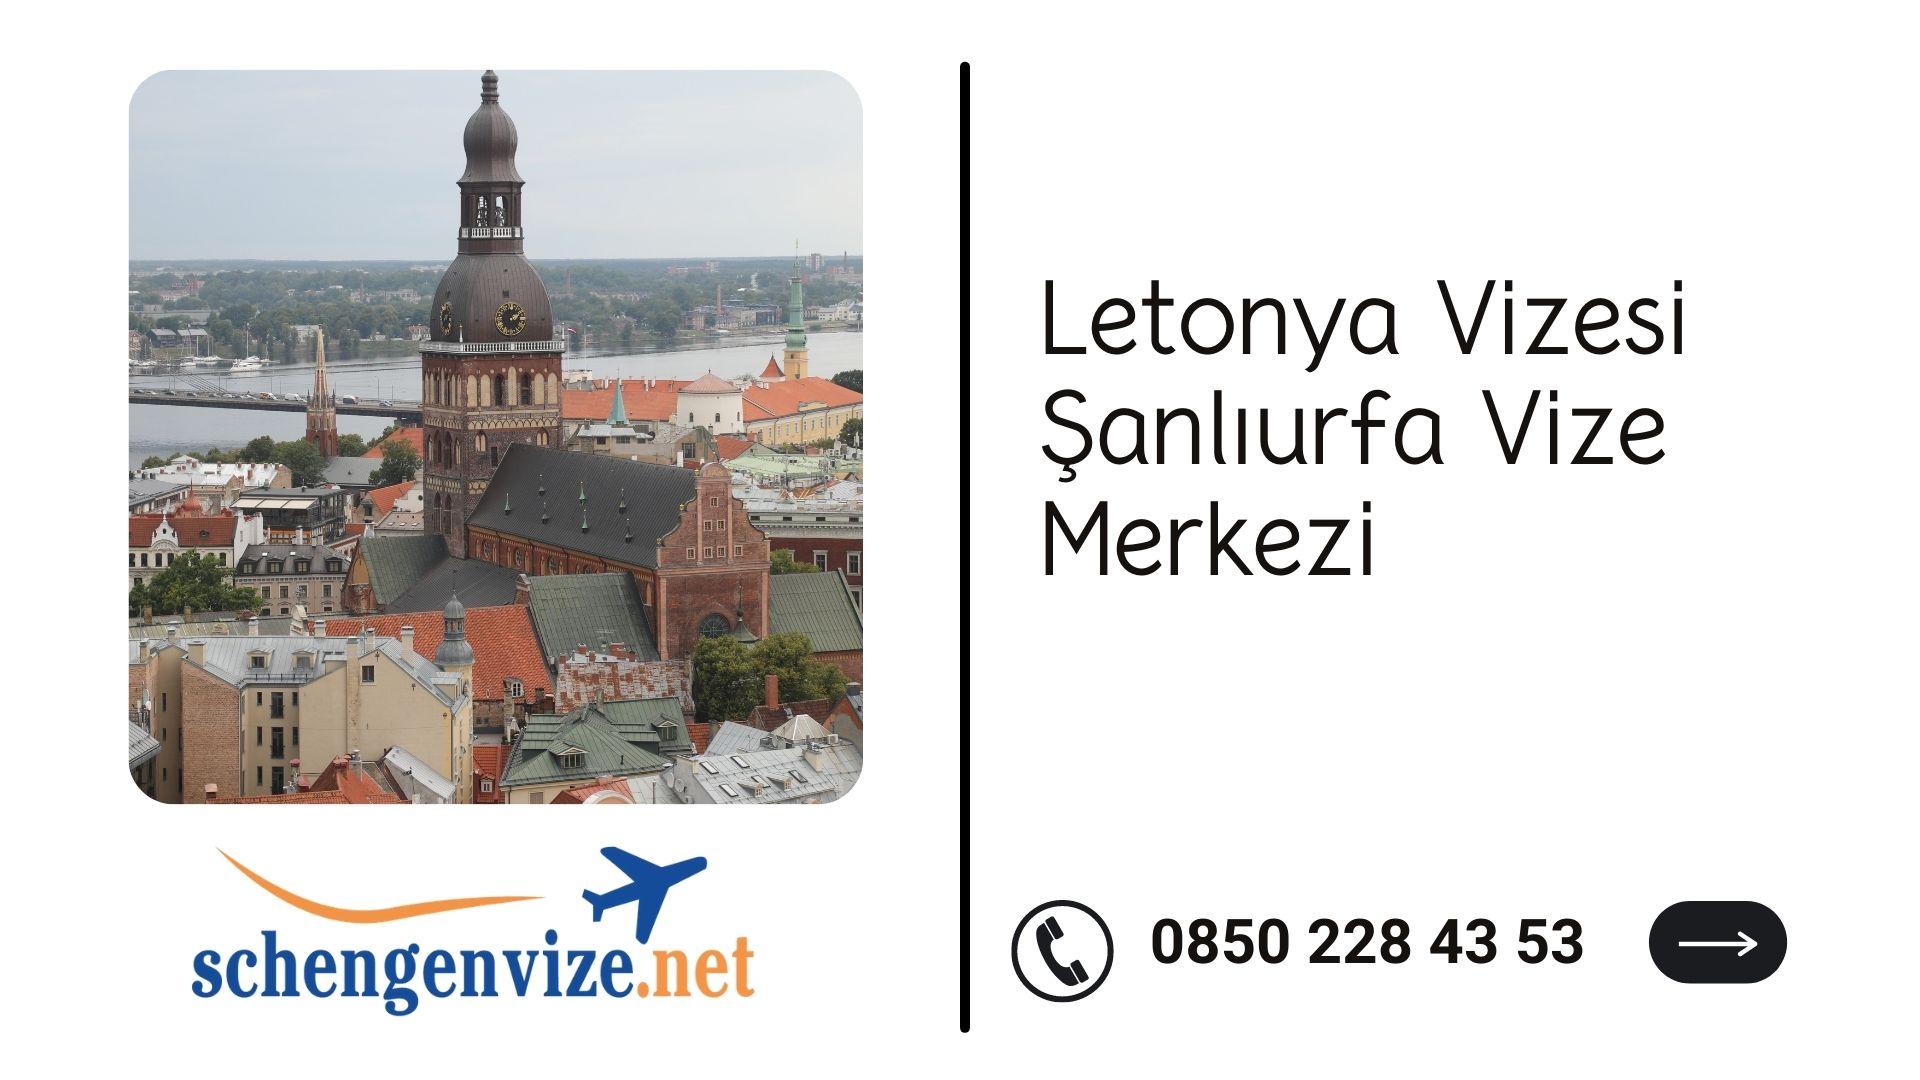 Letonya Vizesi Şanlıurfa Vize Merkezi